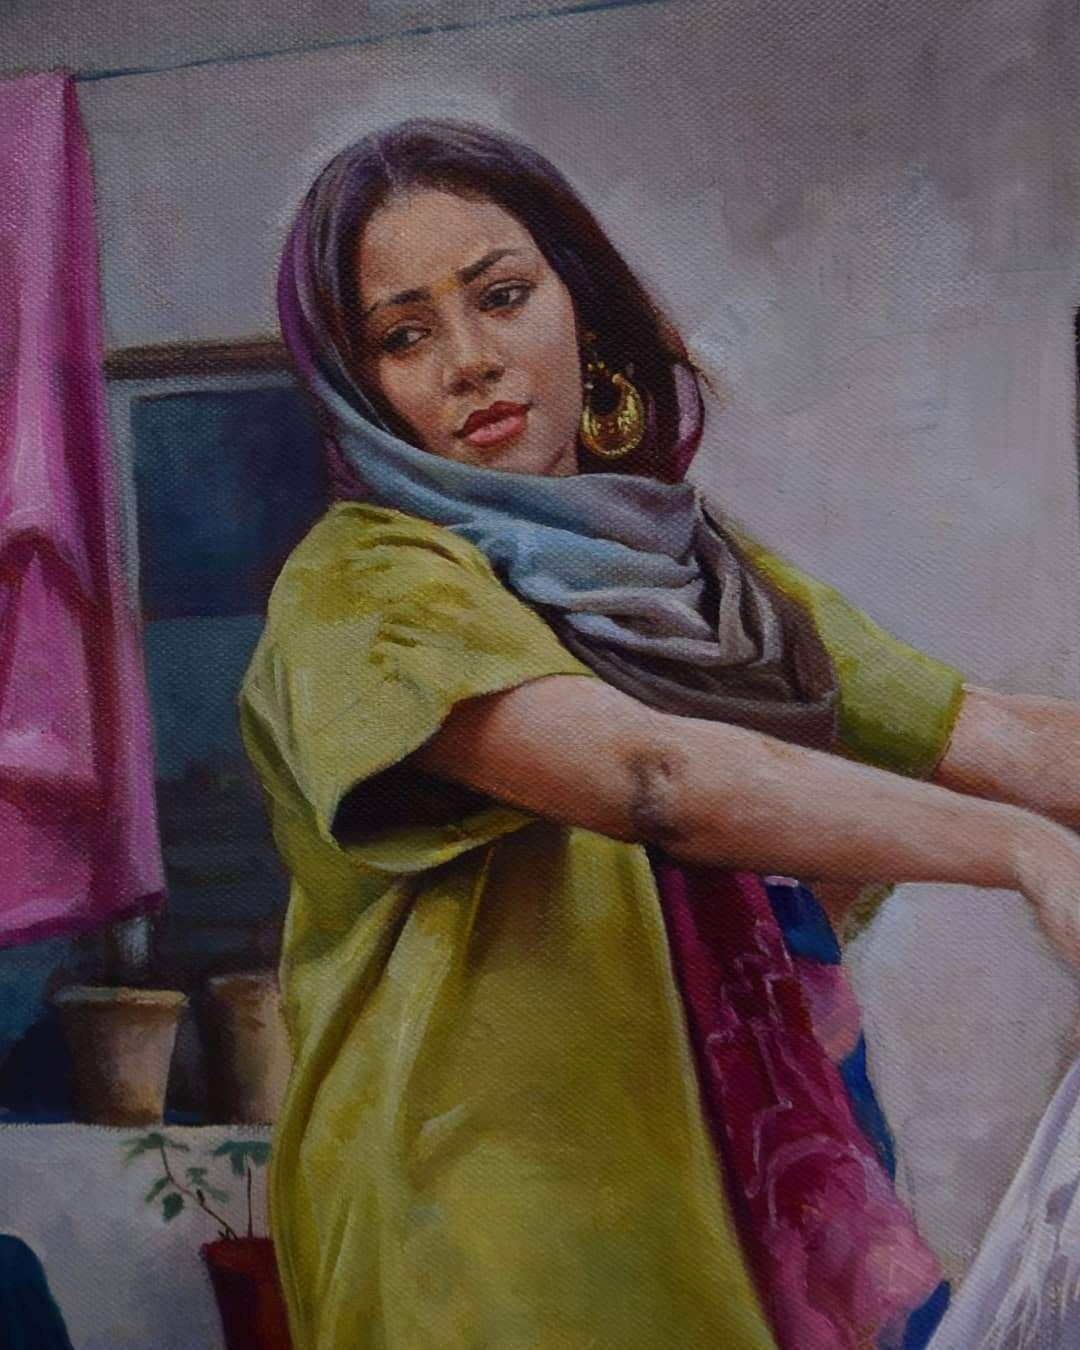 الفنان العراقي فاضل عباس Art Art Inspo Painting